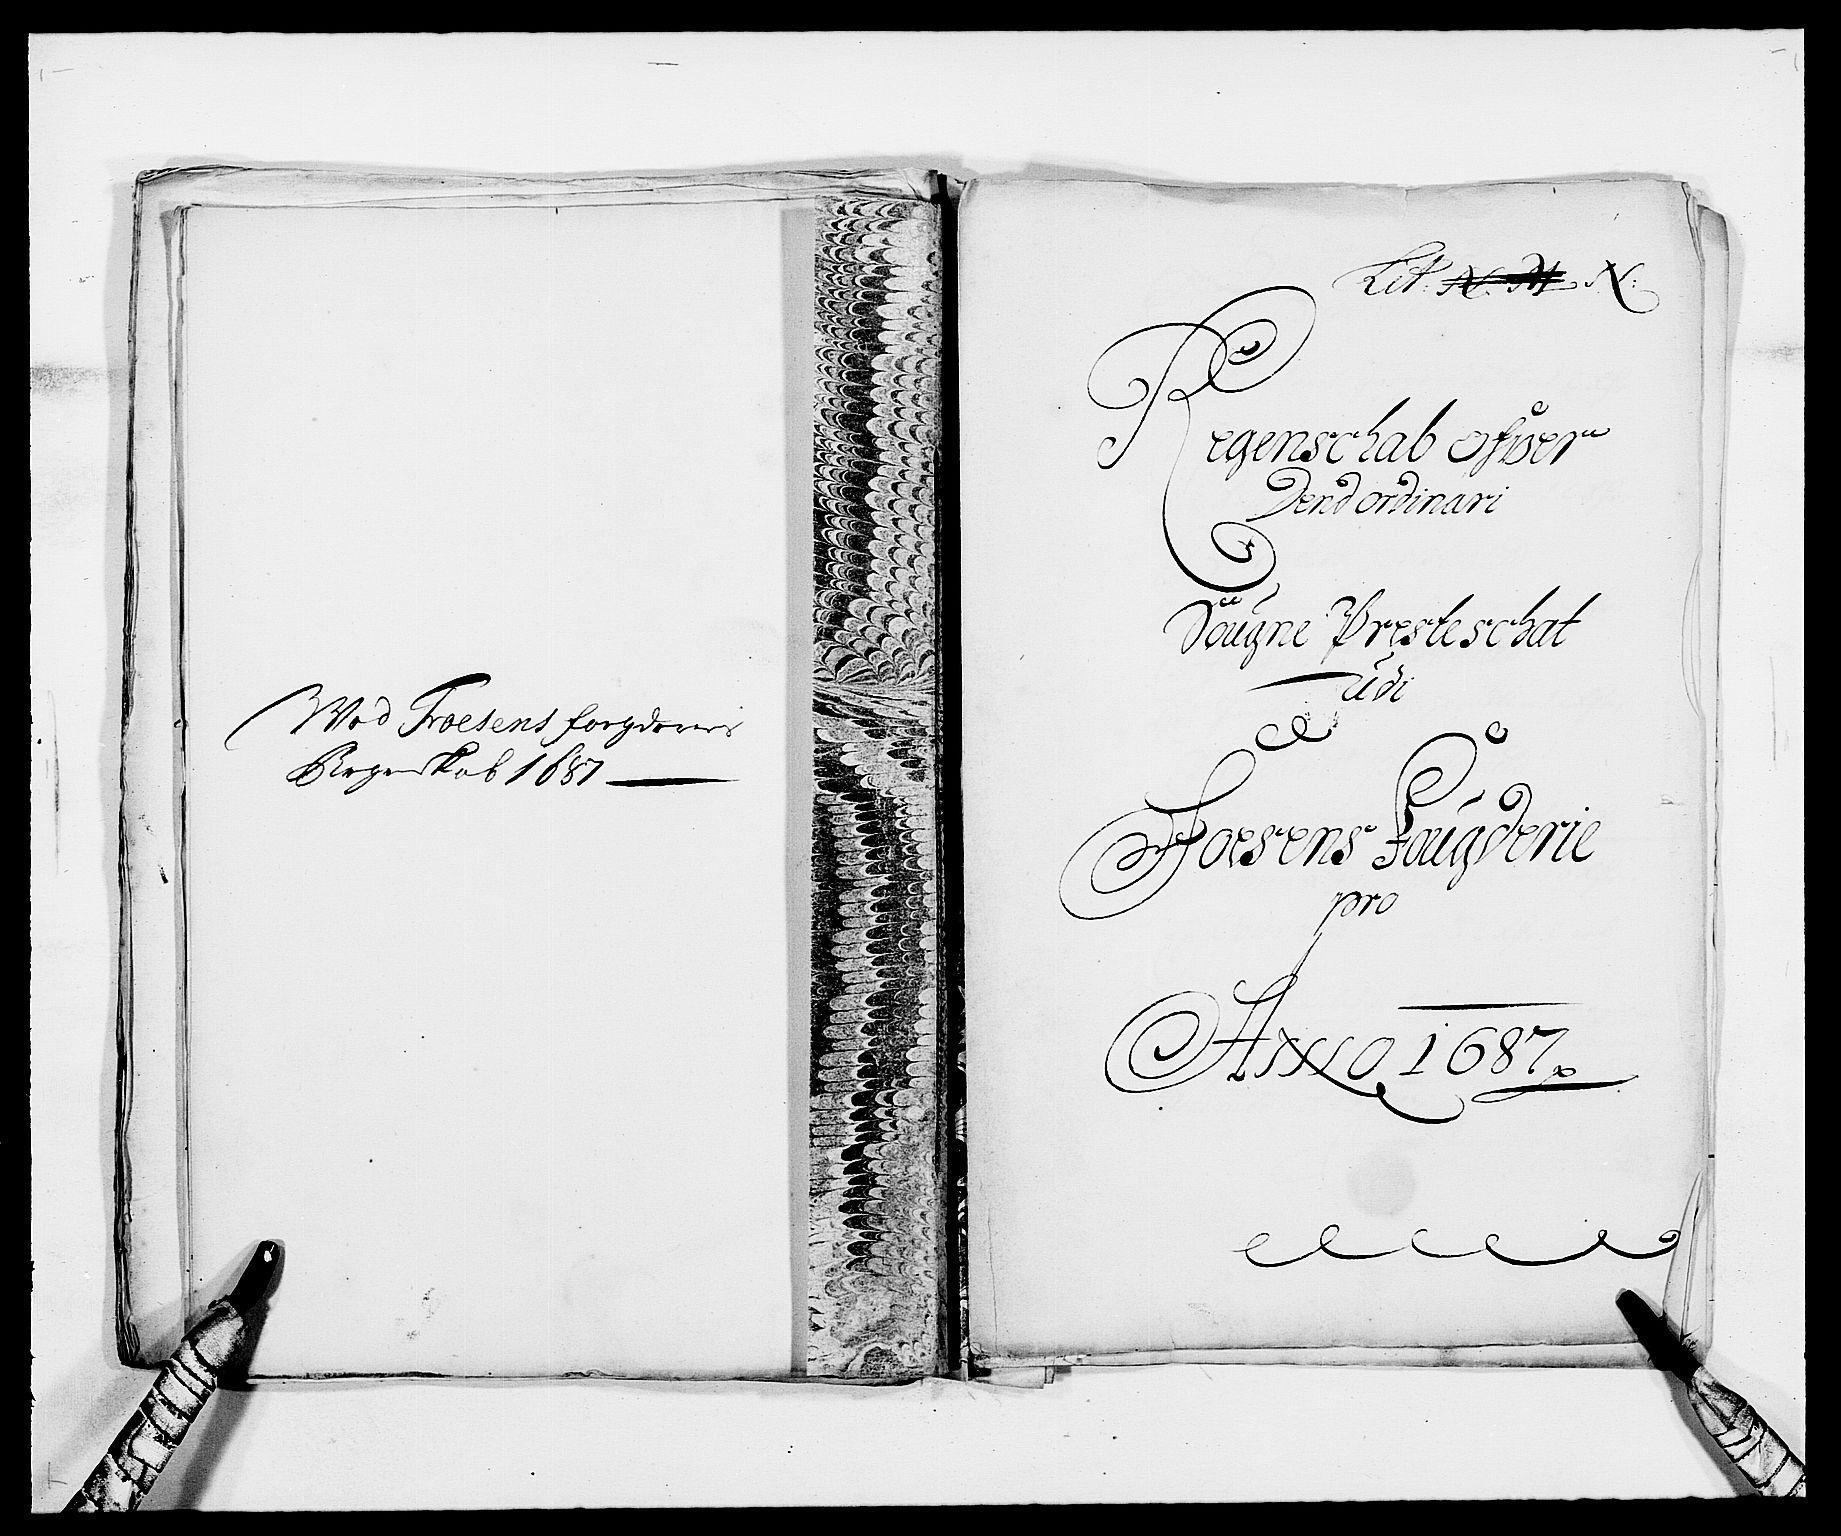 RA, Rentekammeret inntil 1814, Reviderte regnskaper, Fogderegnskap, R57/L3845: Fogderegnskap Fosen, 1687, s. 136